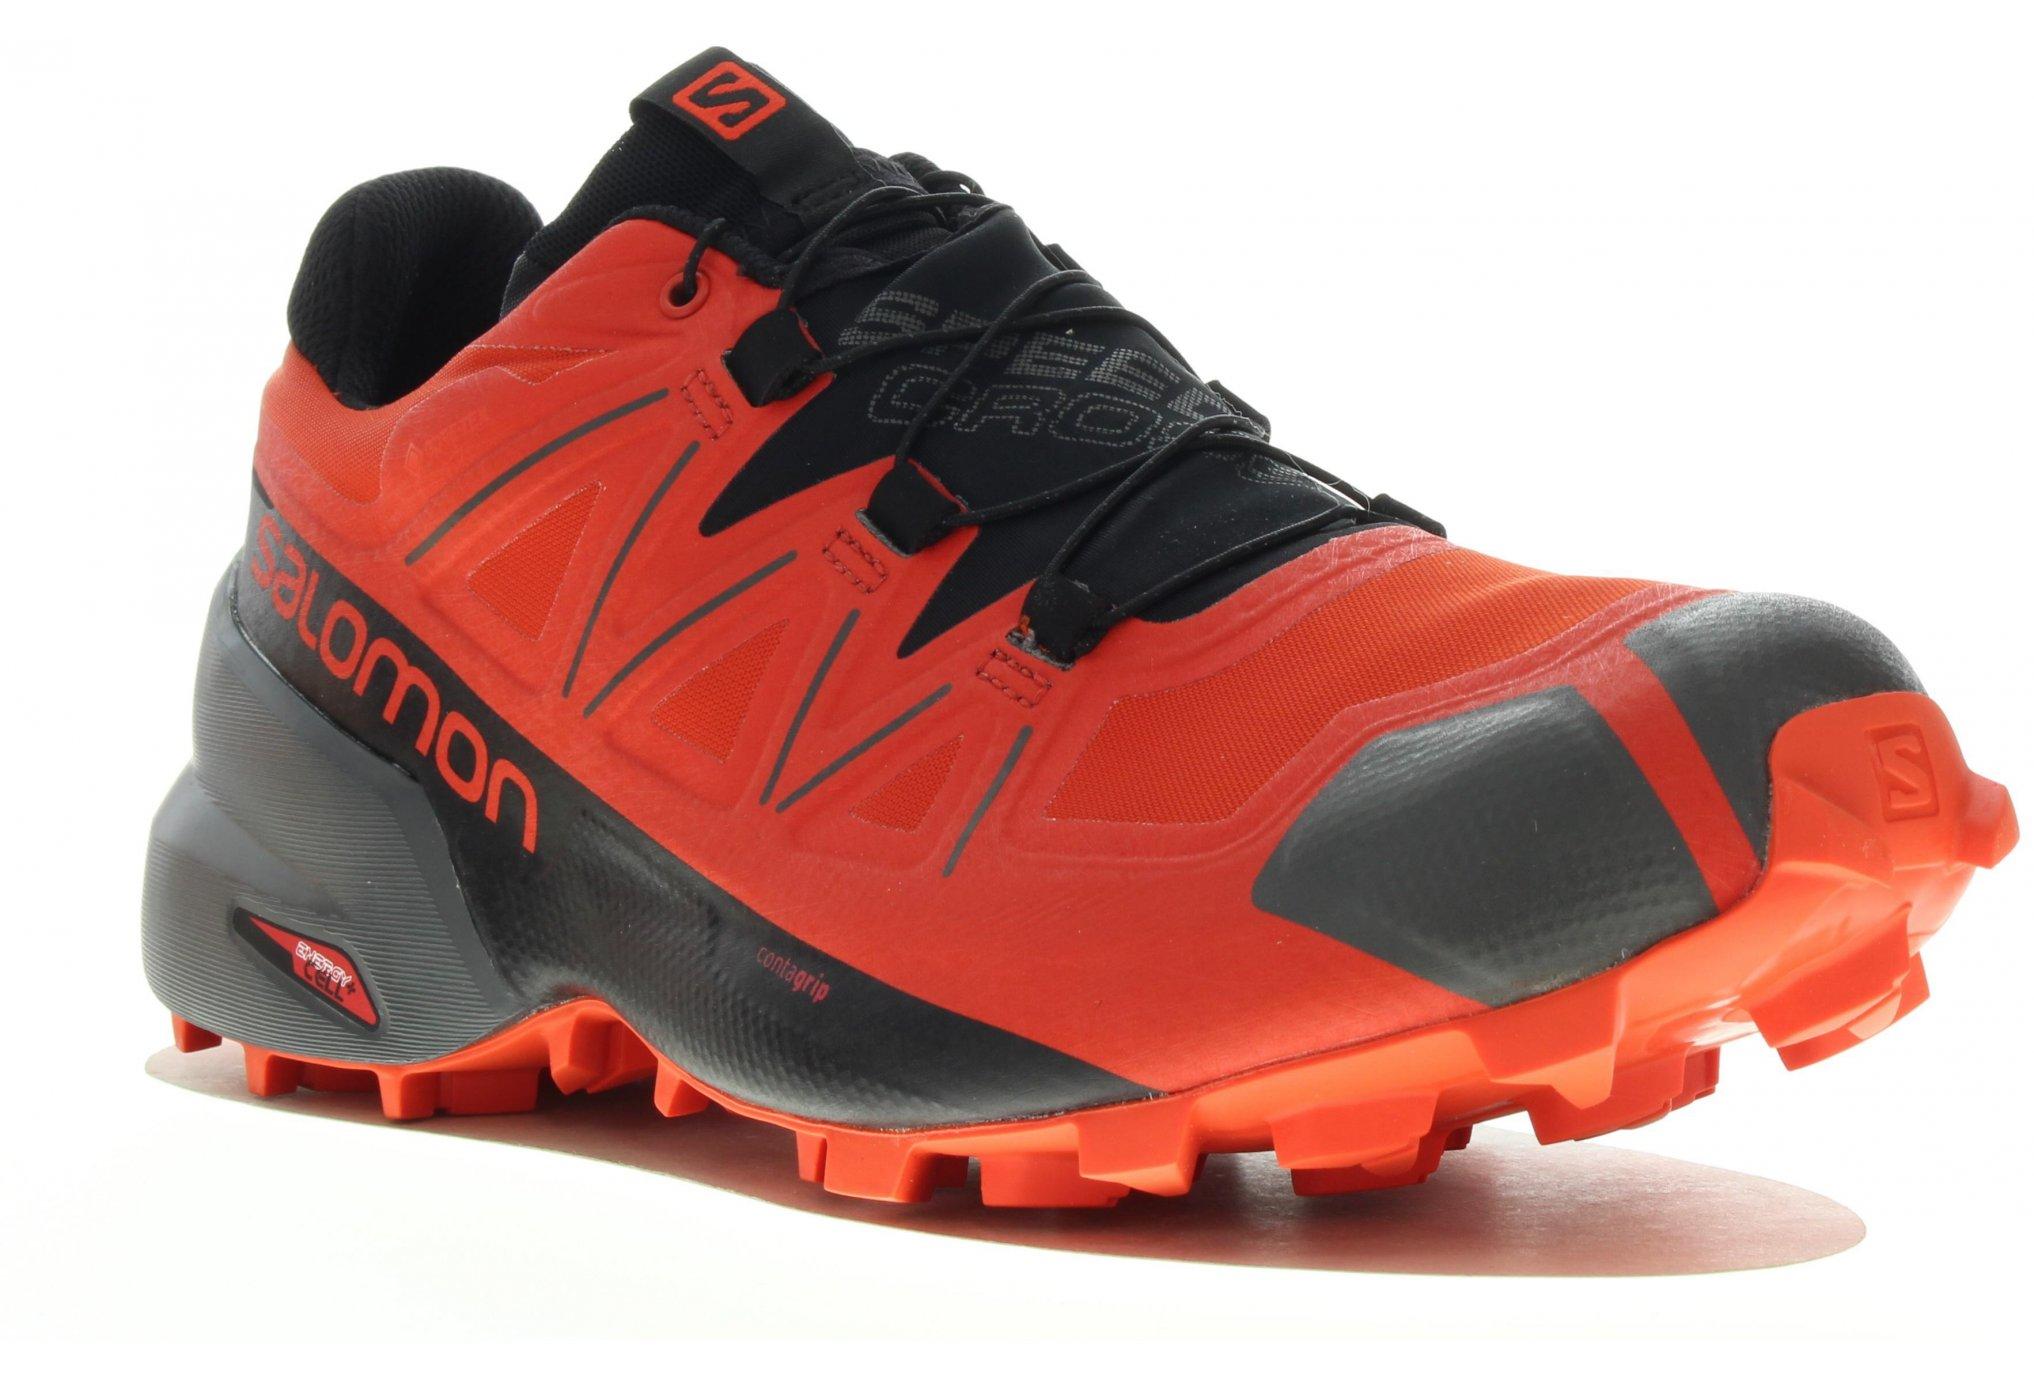 Tex Chaussures Salomon Gore Speedcross 5 M HommeréfL40796500 08wnPkO